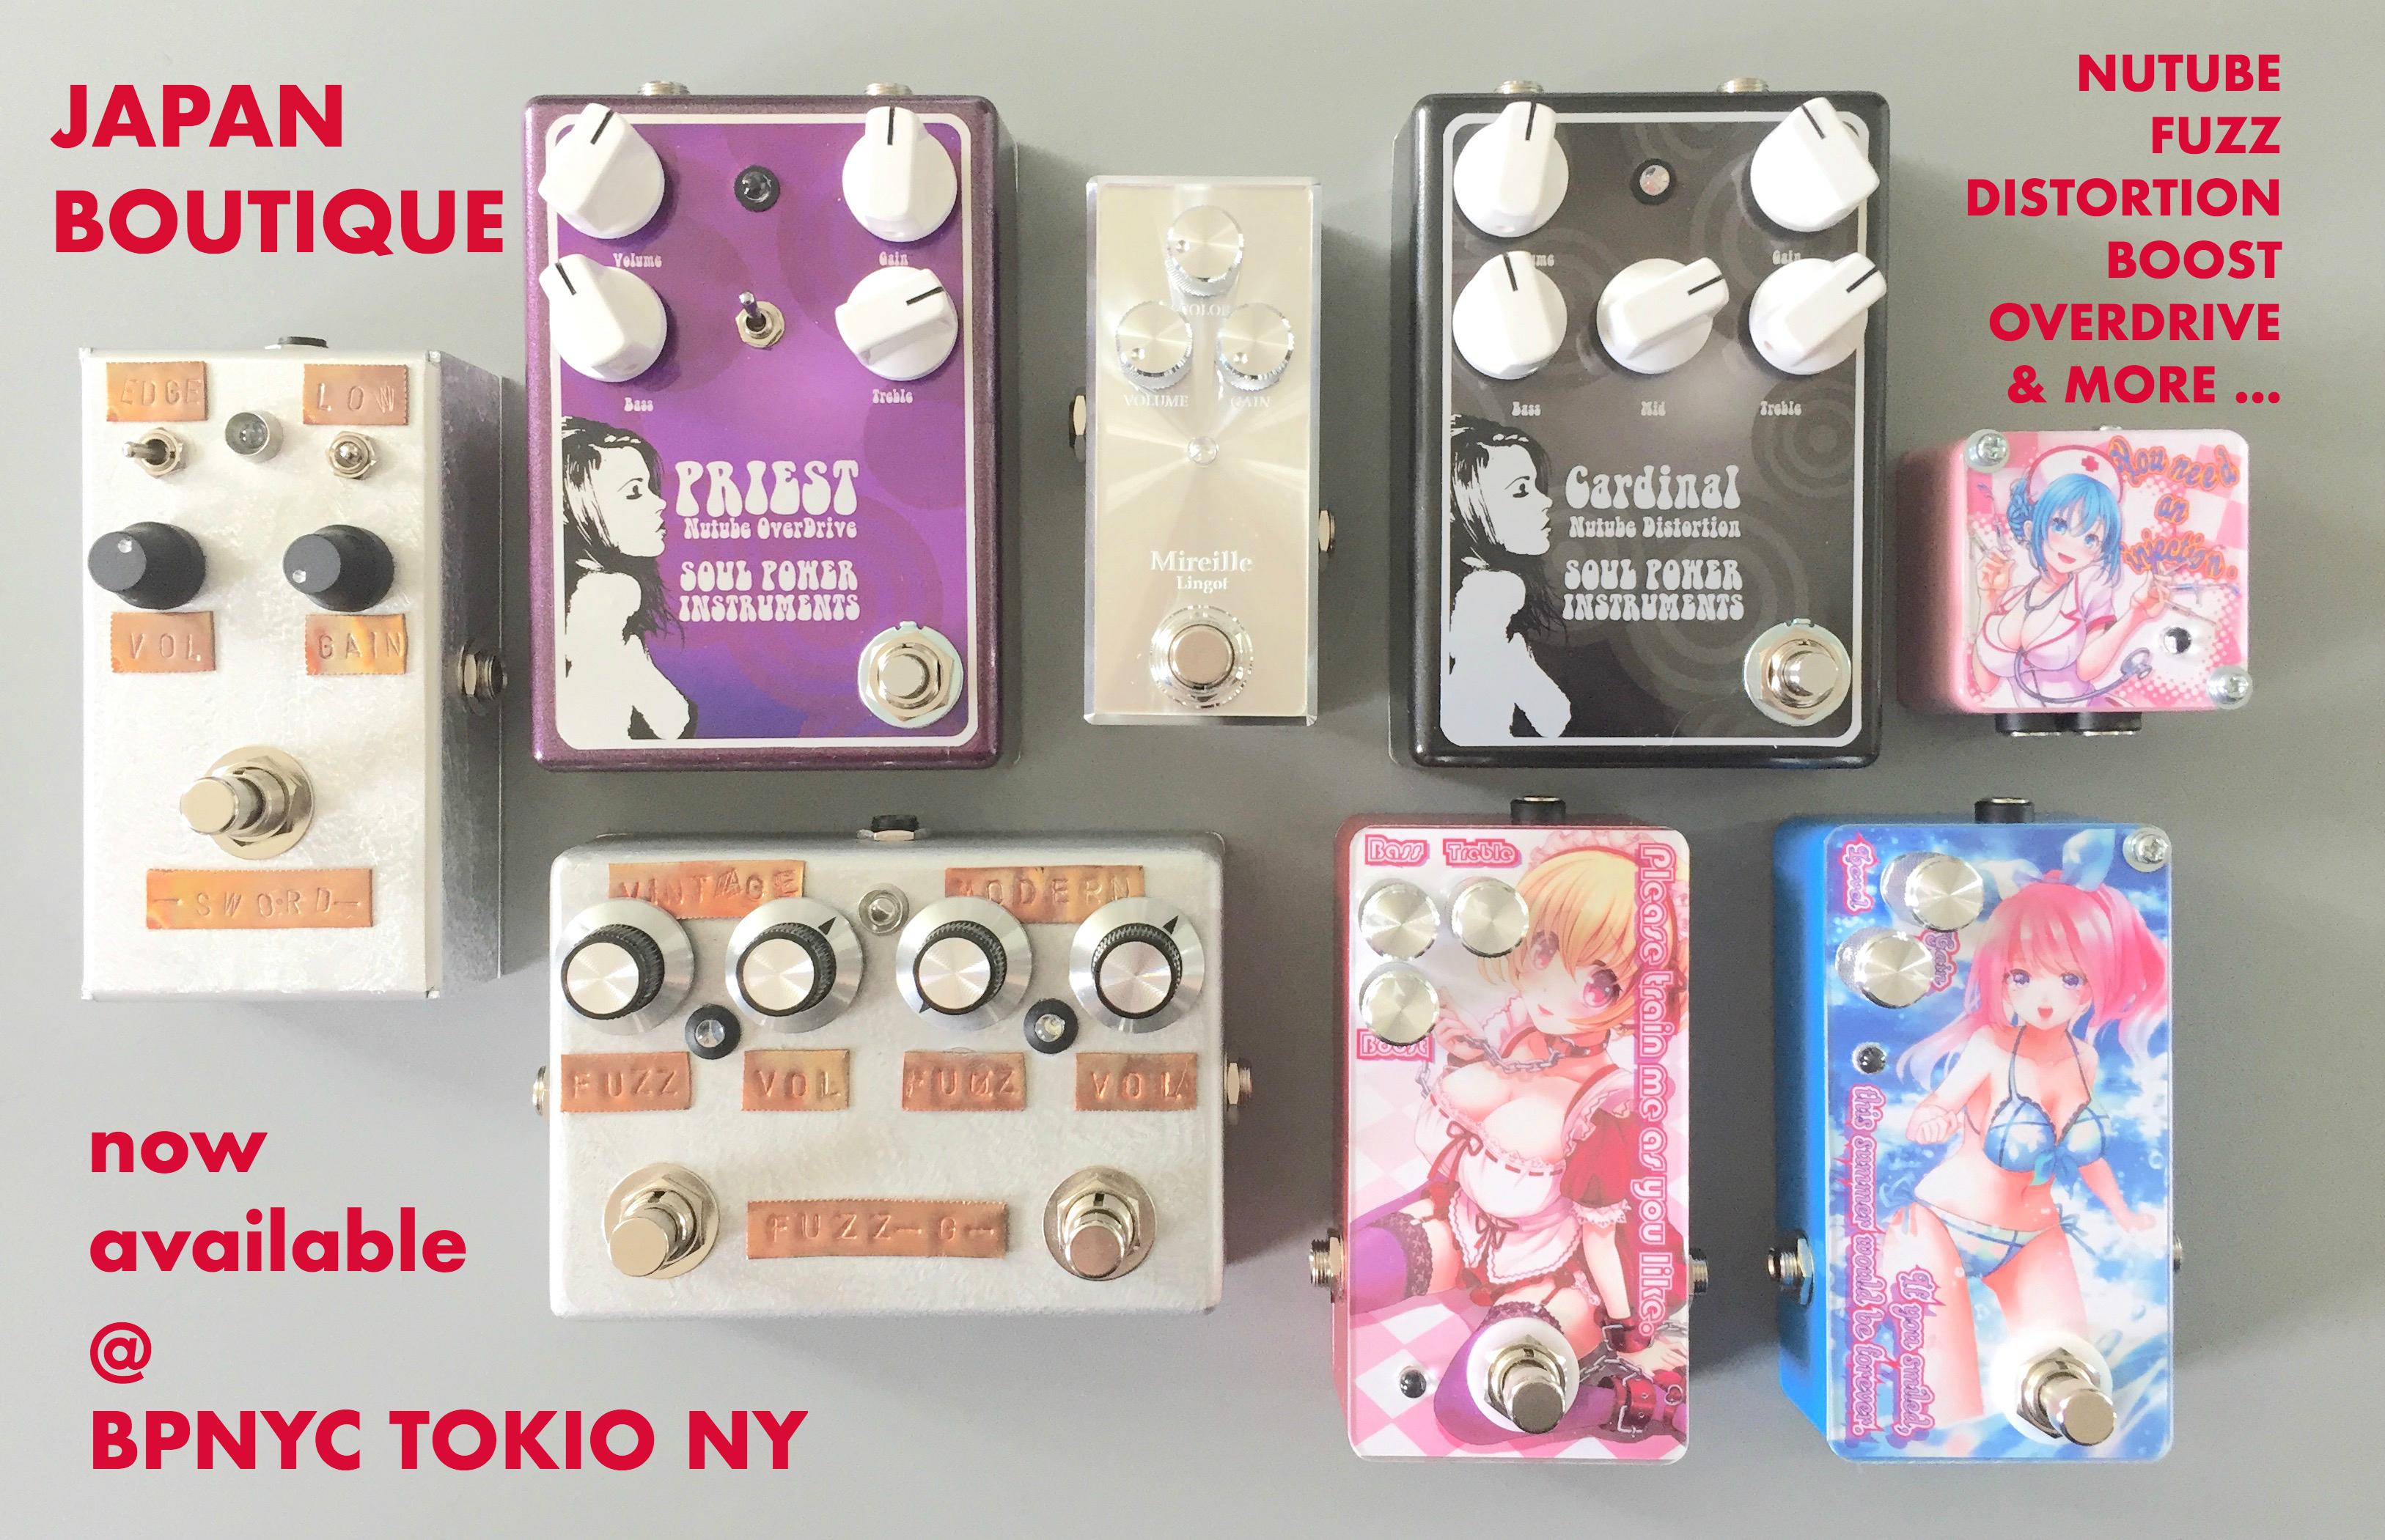 jpn-boutique-pedals-3253x2101.jpg